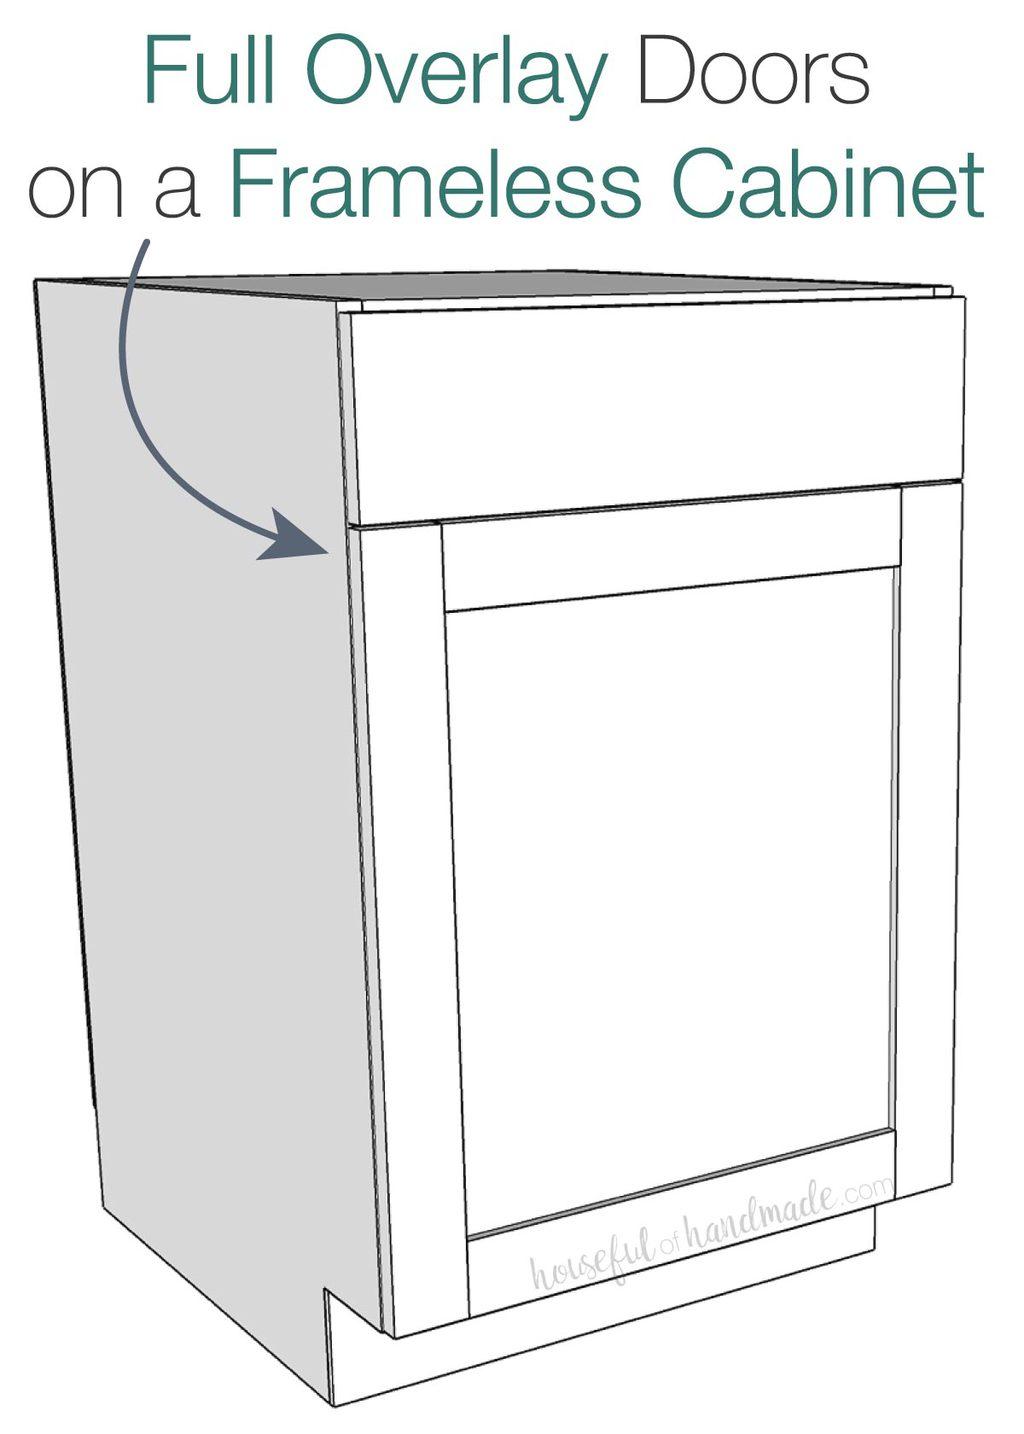 3D sketch of full overlay doors on a frameless cabinet.